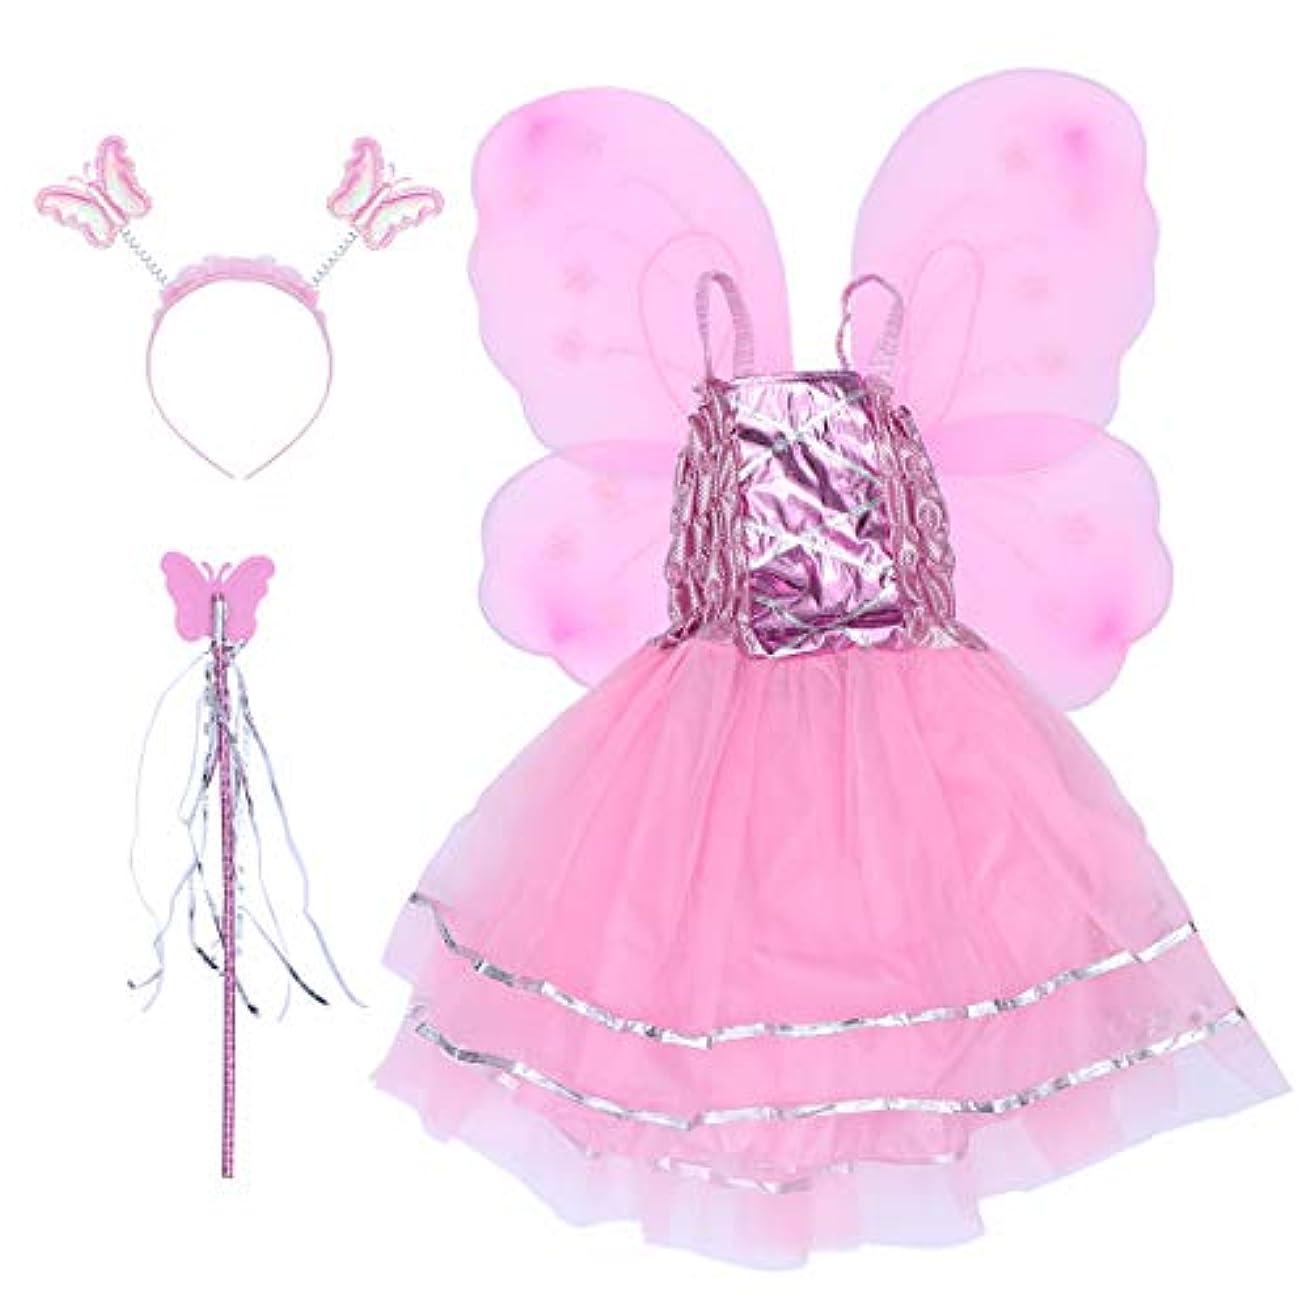 過言凍結恐ろしいBESTOYARD 4本の女の子バタフライプリンセス妖精のコスチュームセットバタフライウィング、ワンド、ヘッドバンドとツツードレス(ピンク)